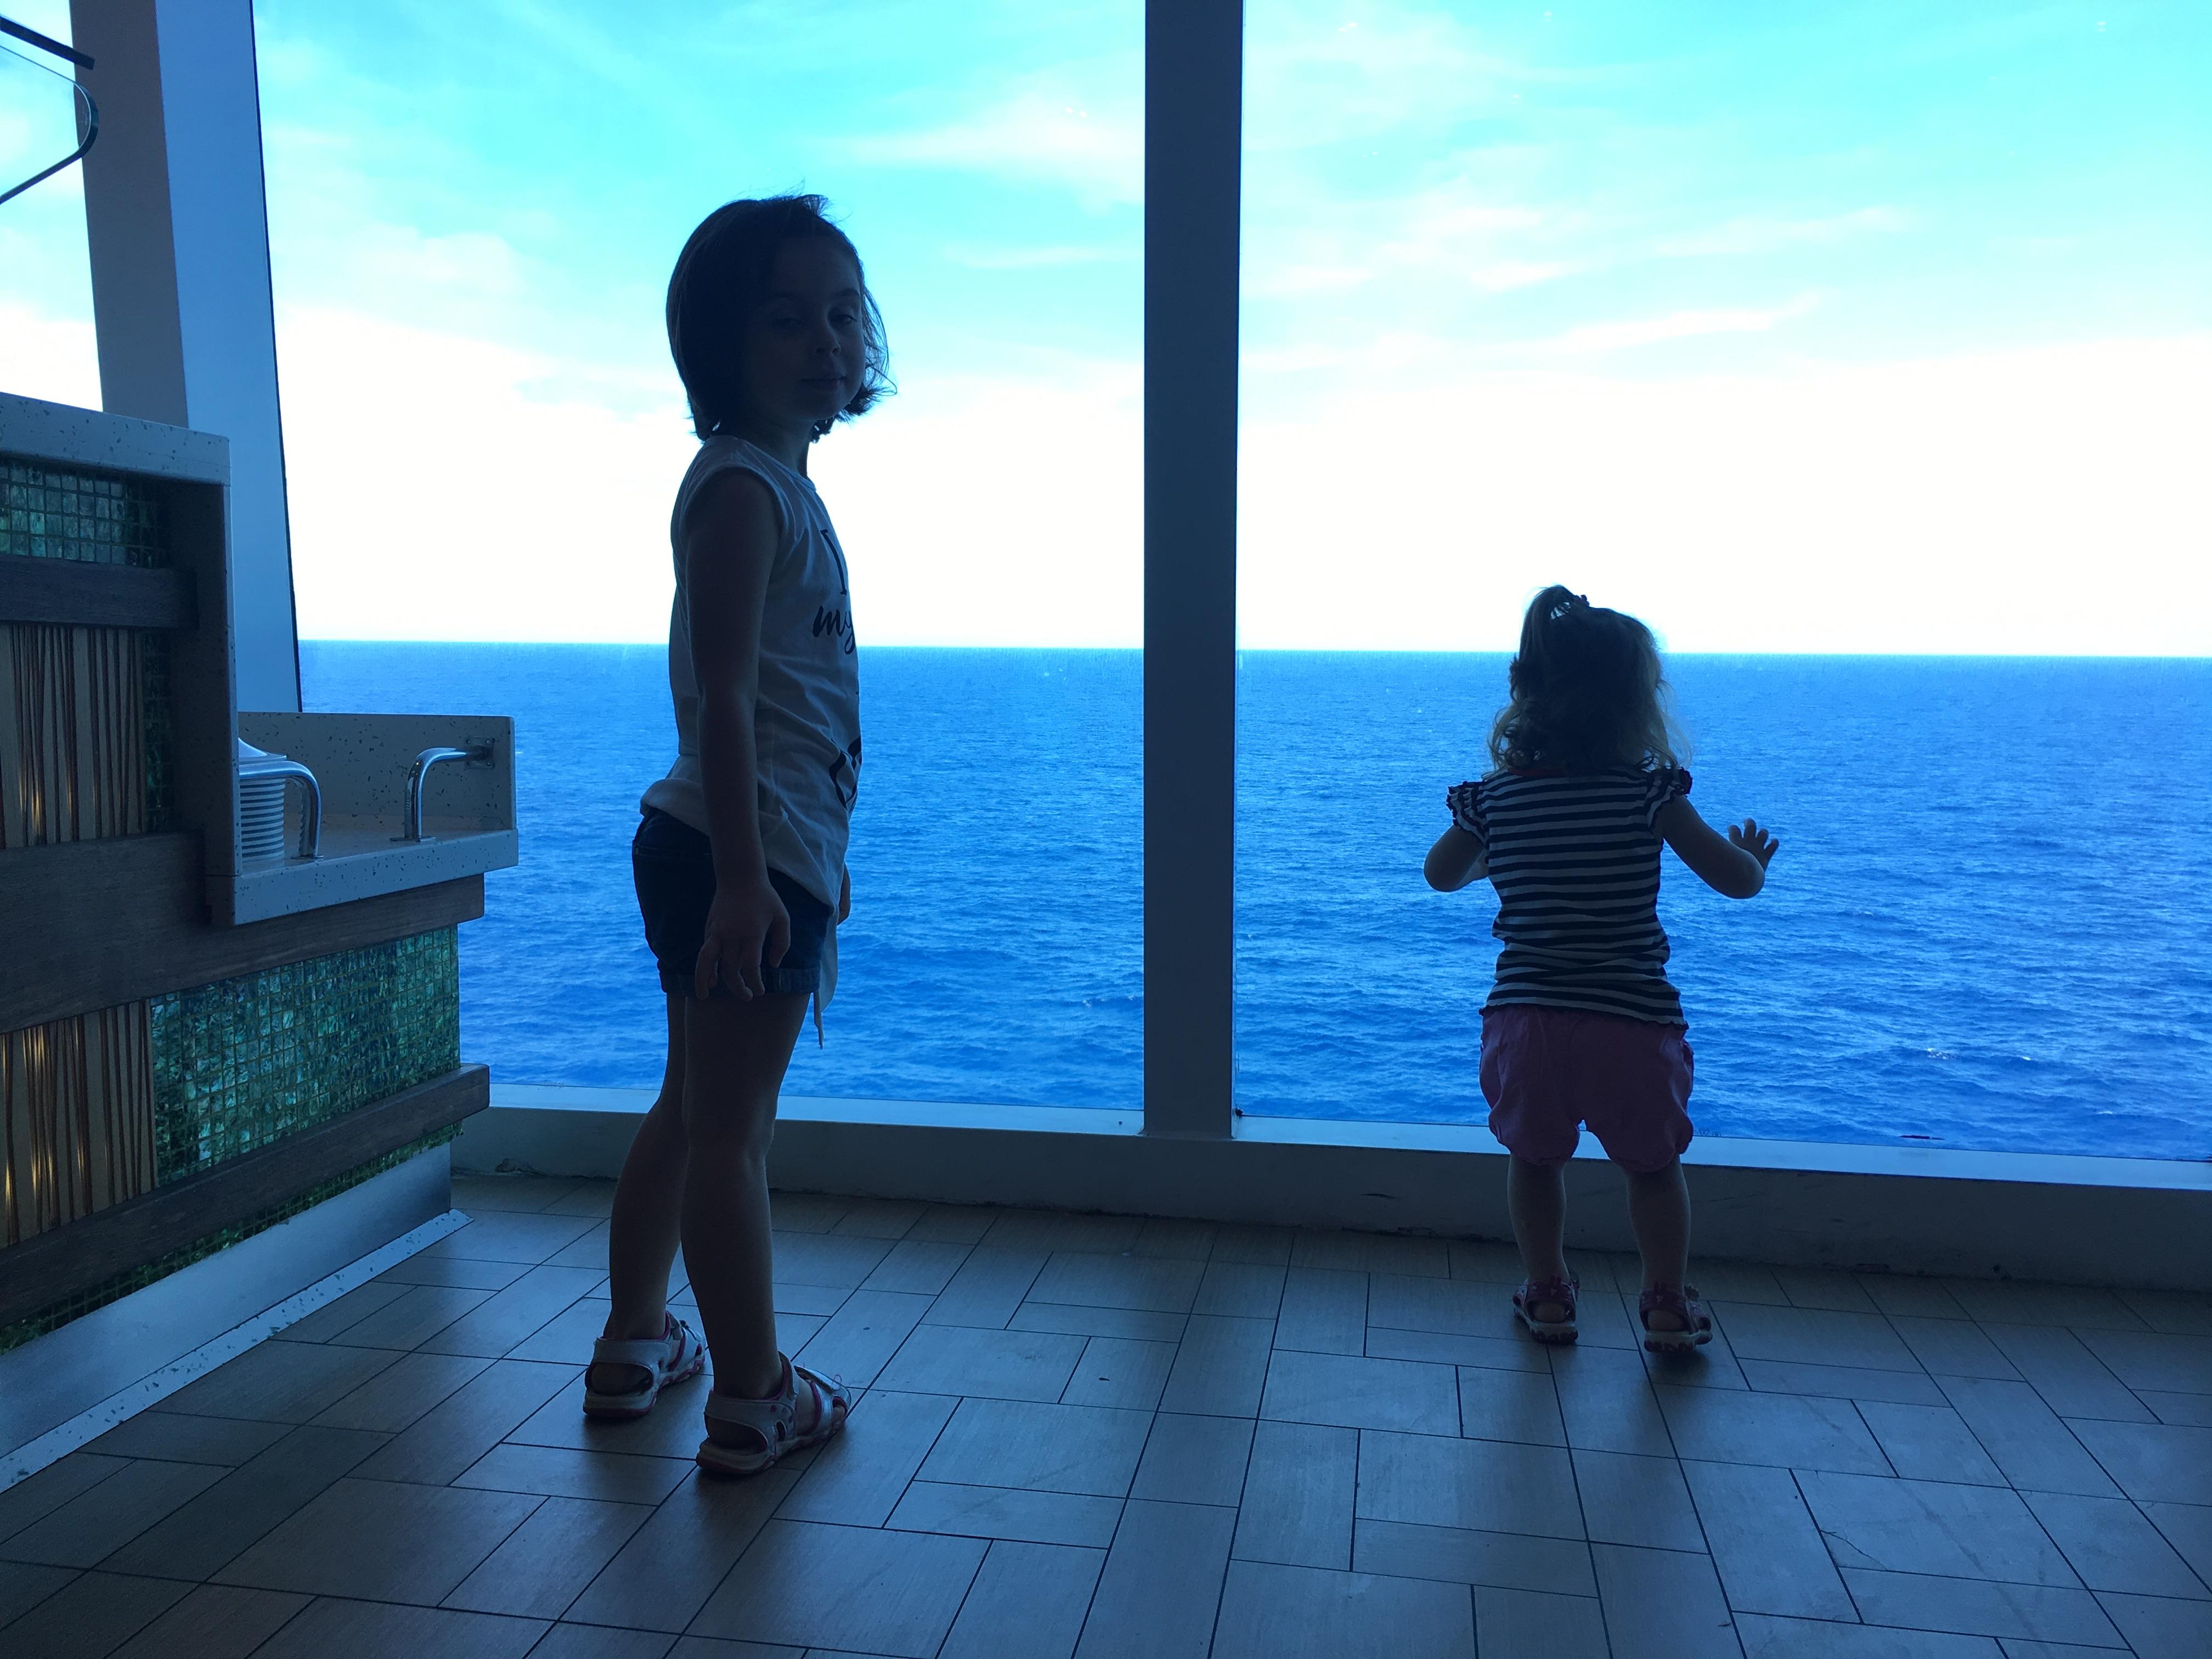 Viaggiare con bambini alle Seychelles, cosa sapere?